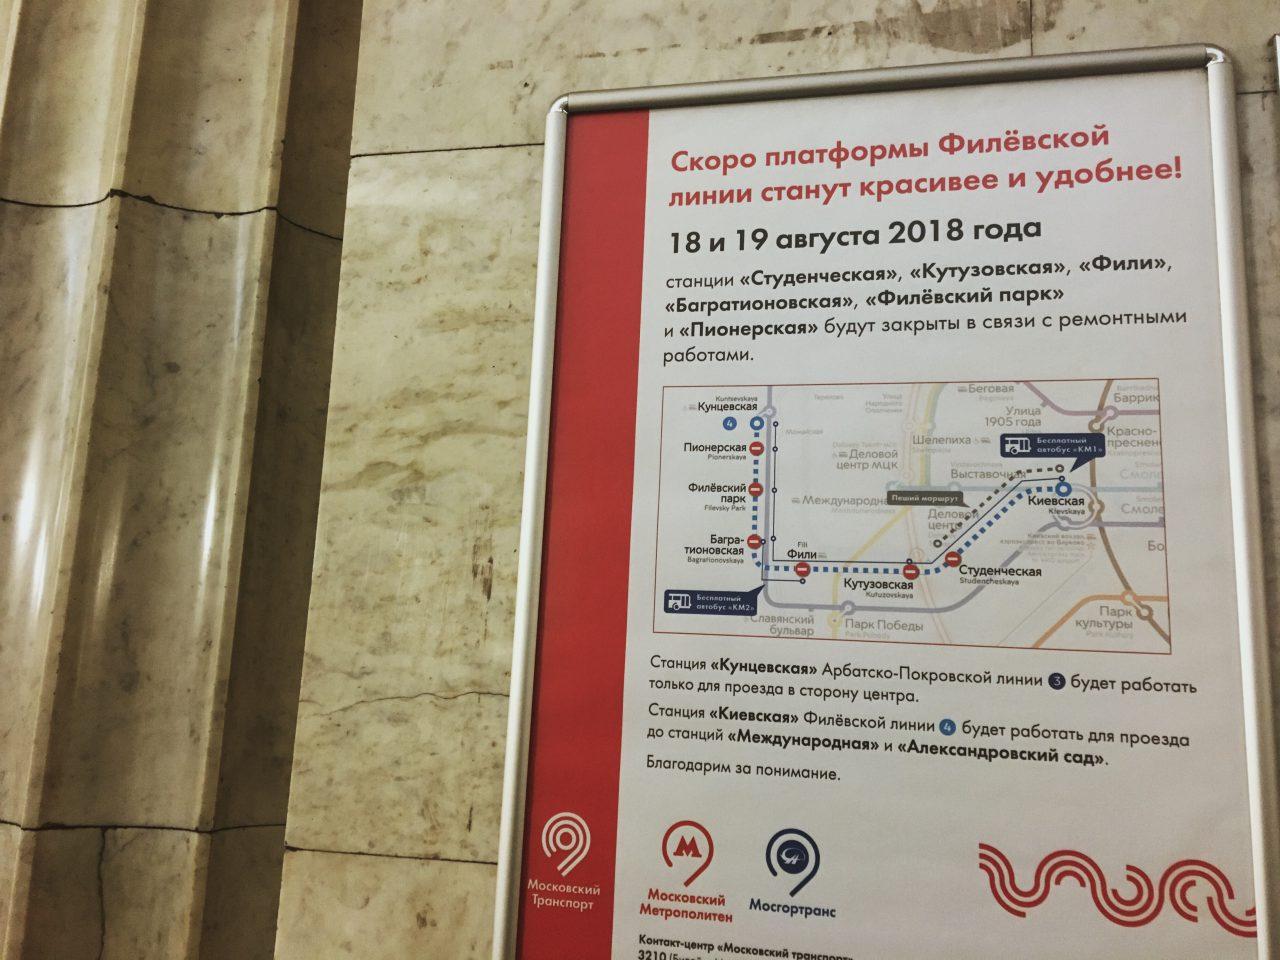 Участок Филевской линии между станциями метро «Киевская» и «Кунцевская» будет закрыт на ремонт 18-19 августа